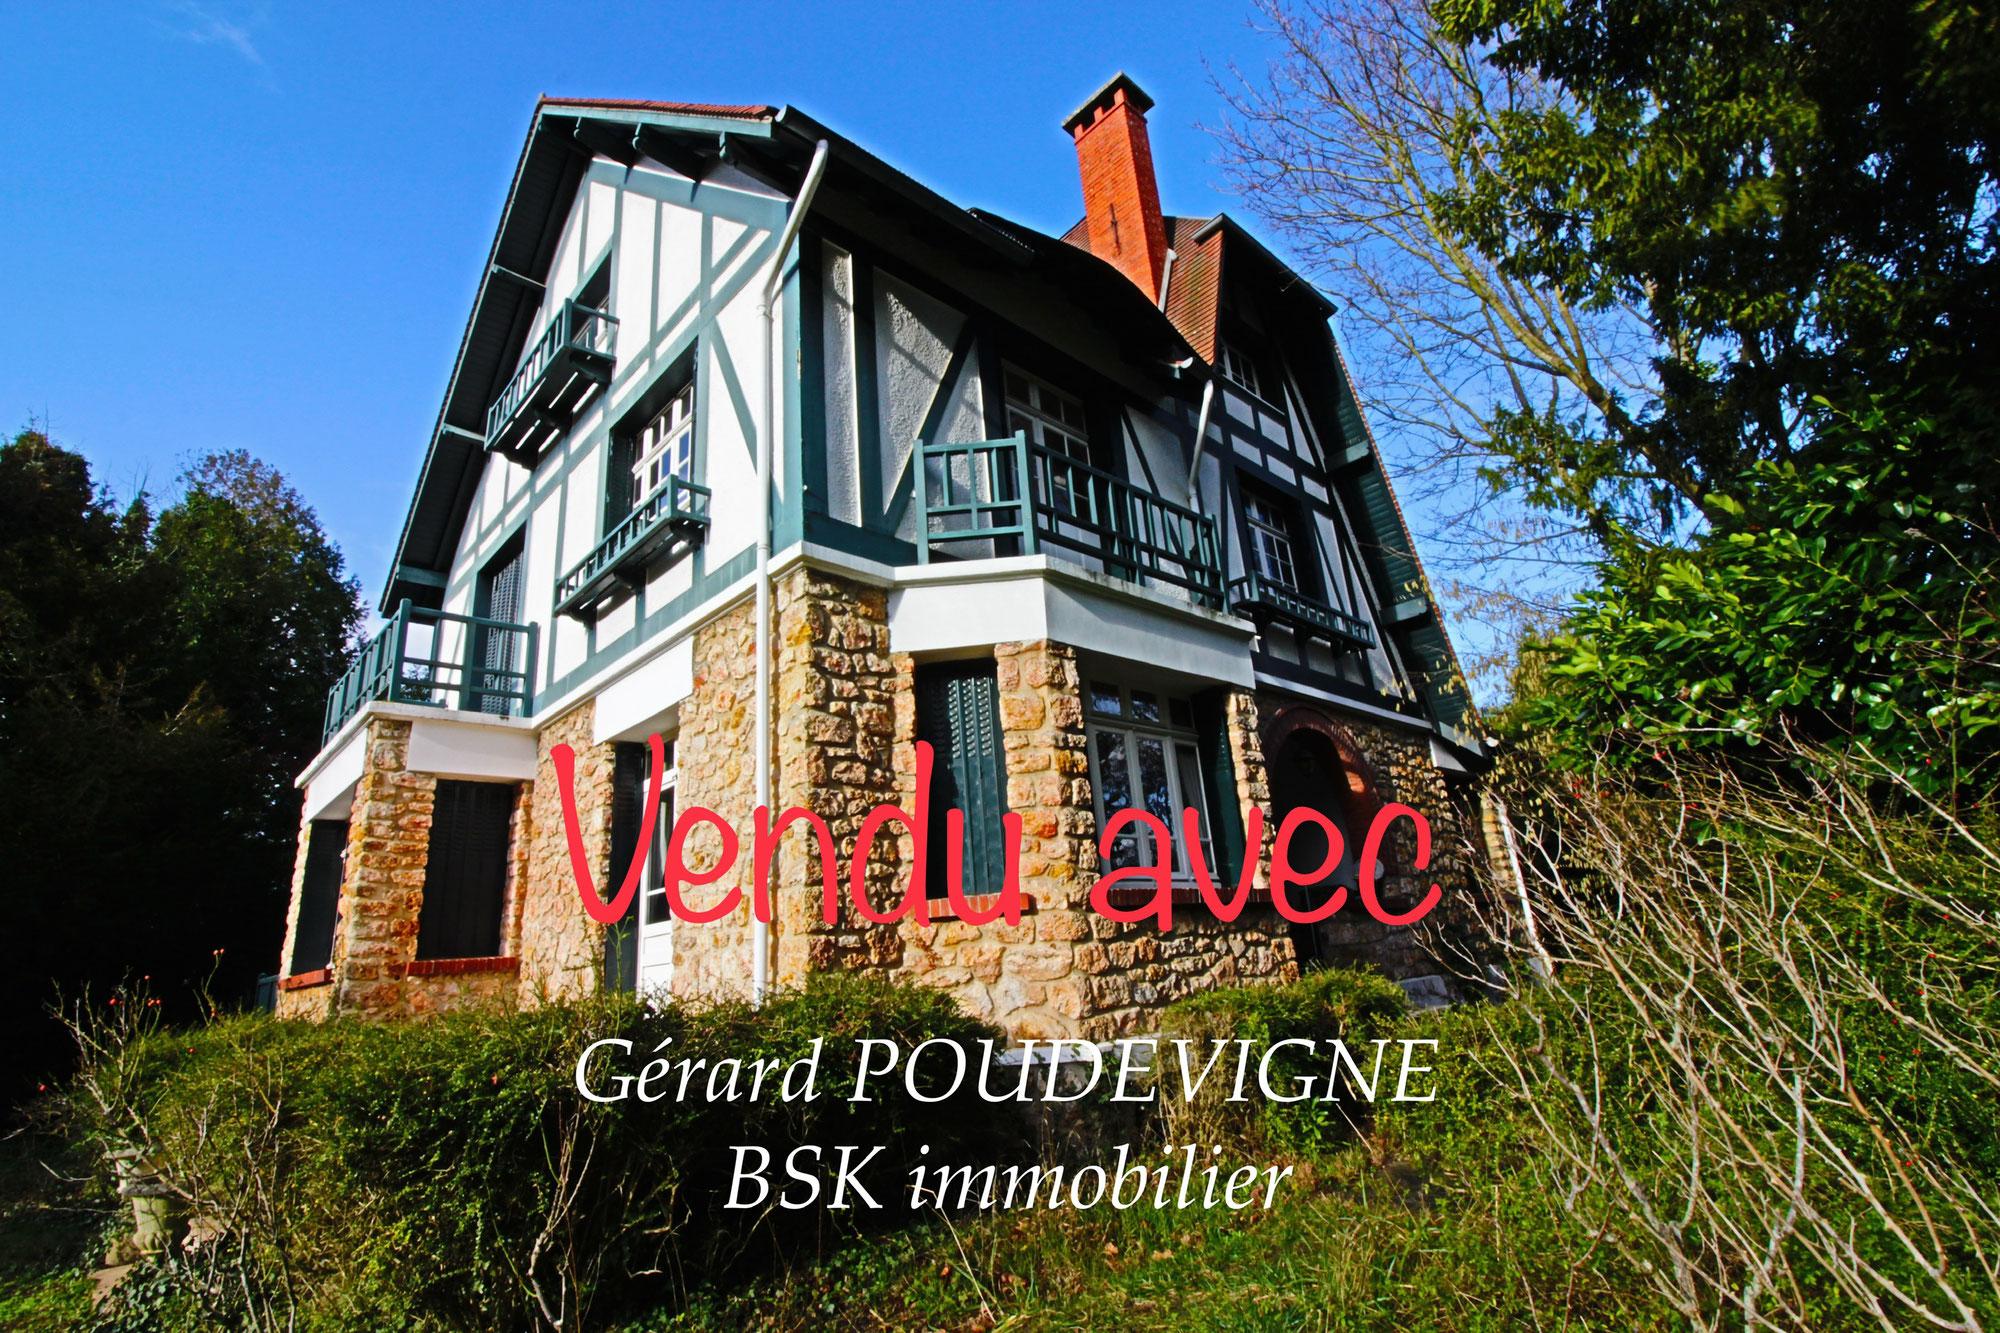 Vendu avec Gérard POUDEVIGNE: remarquable Néo- Normande au pied de St Germain en Laye. 5 chambres + bureau.